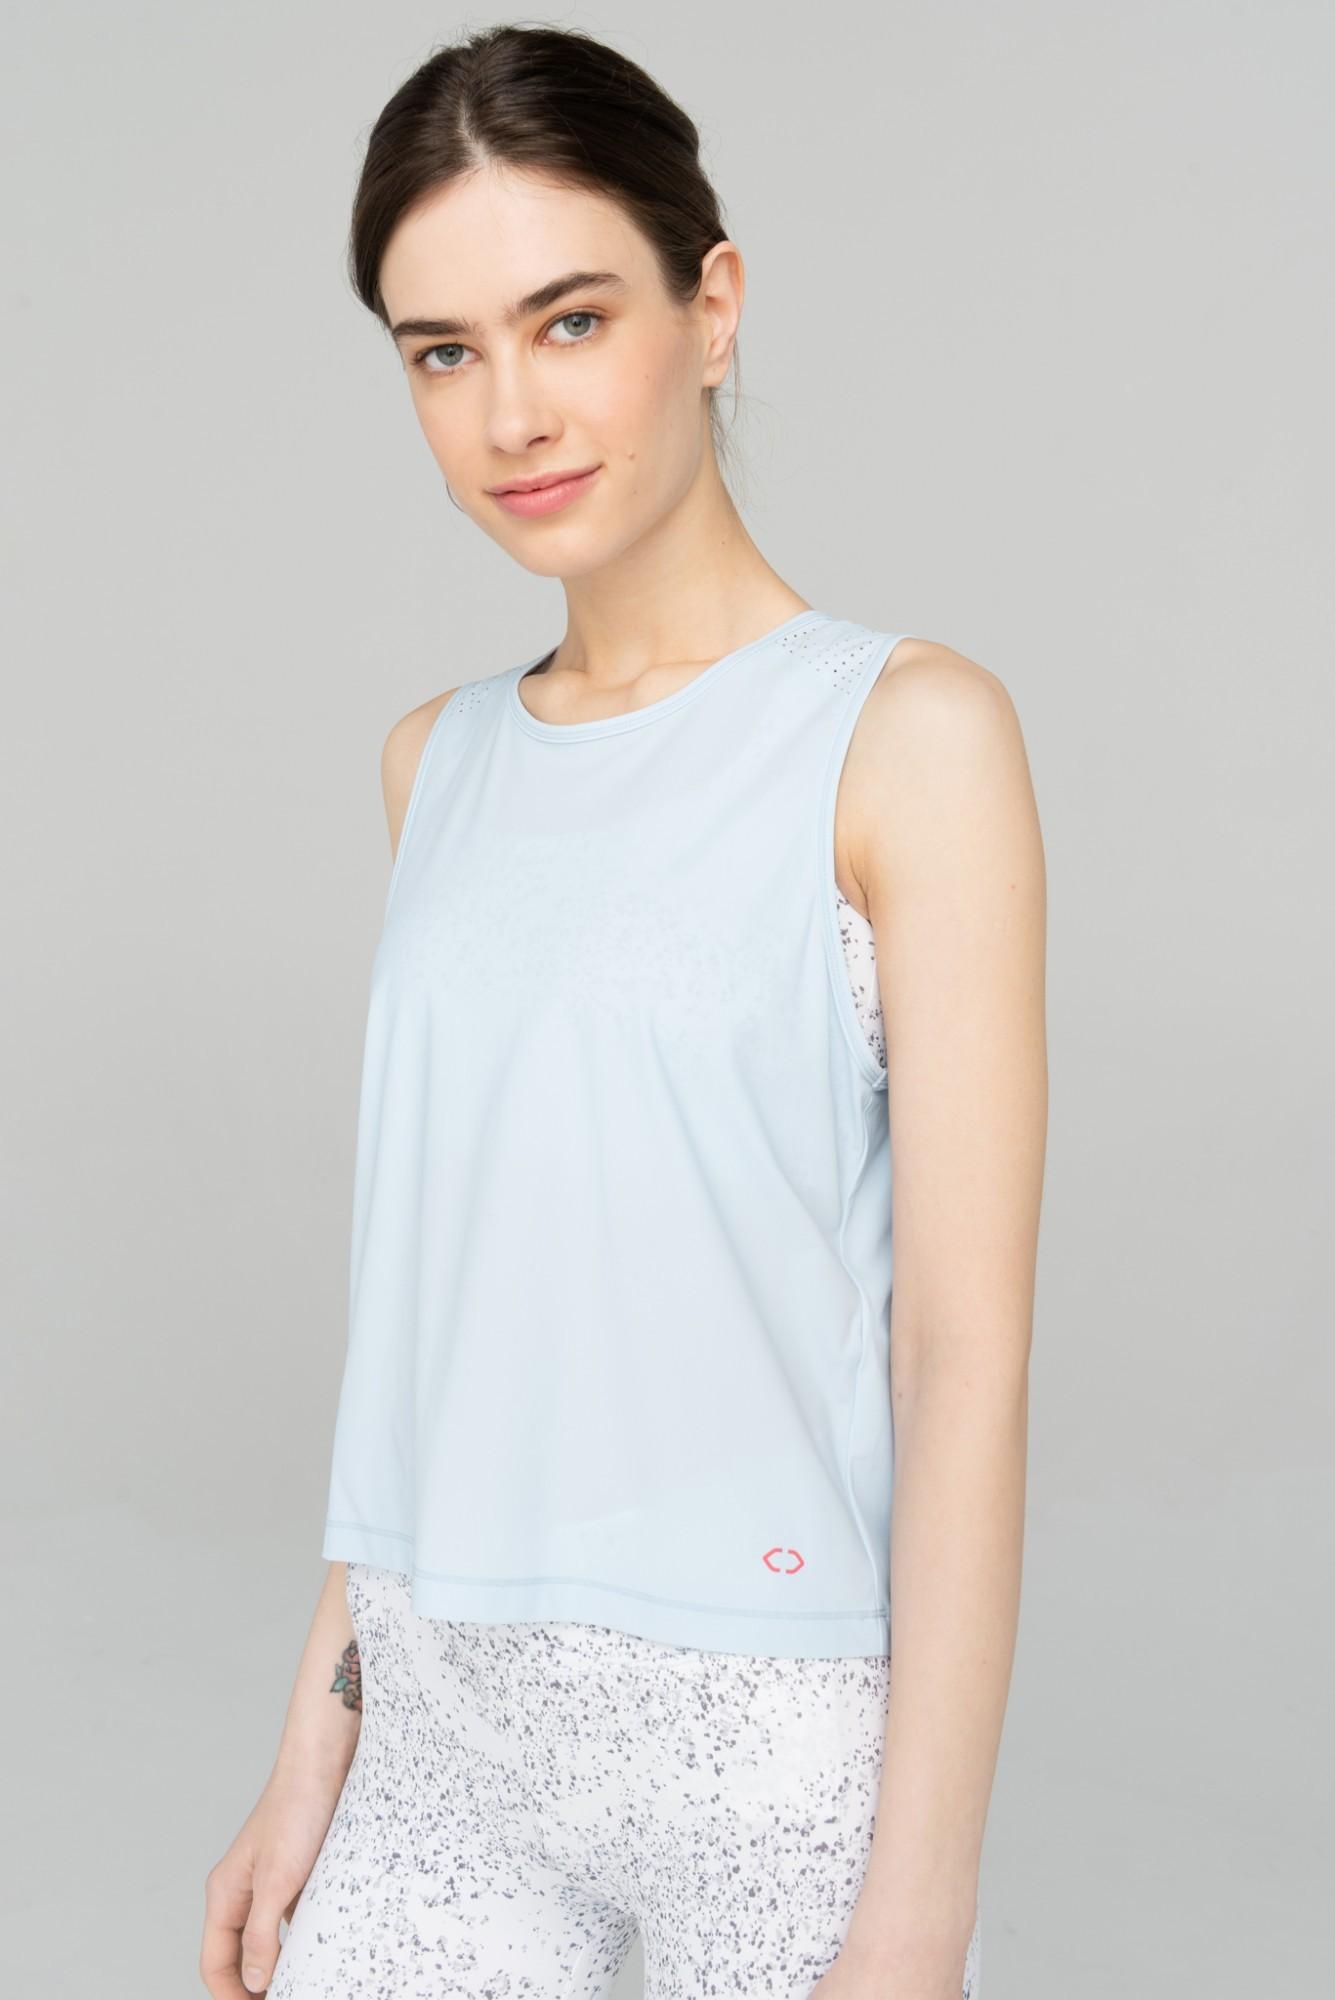 AUDIMAS Trumpi marškinėliai be rankovių 2111-314 Skyway S